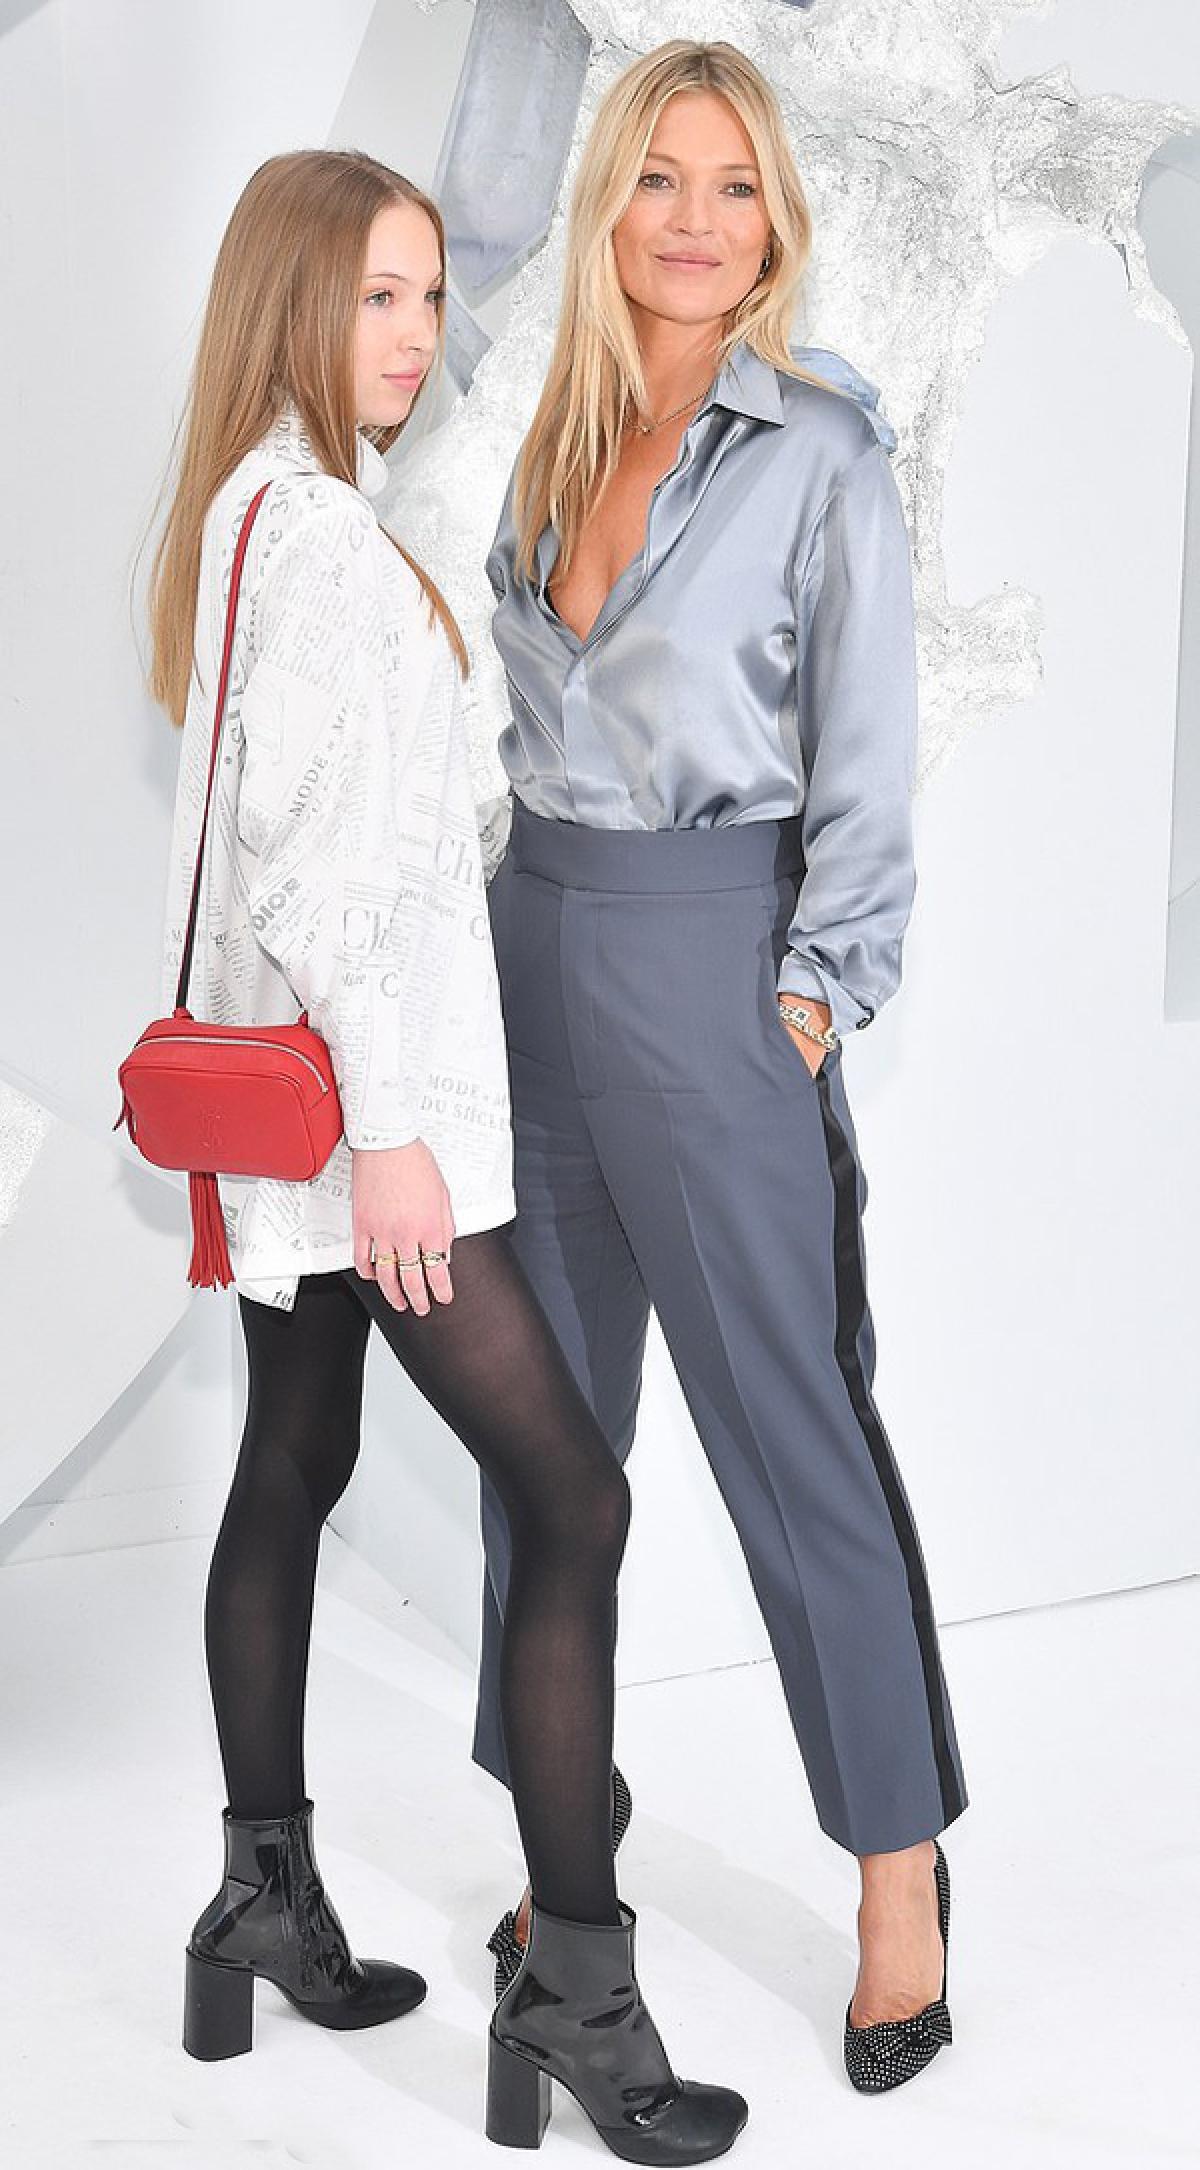 Cô bé cũng từng nối gót Kate Moss bước vào làng mẫu khi ký hợp đồng làm gương mặt đại diện cho dòng sản phẩm làm đẹp của Marc Jacobs vào tháng 10/2018.